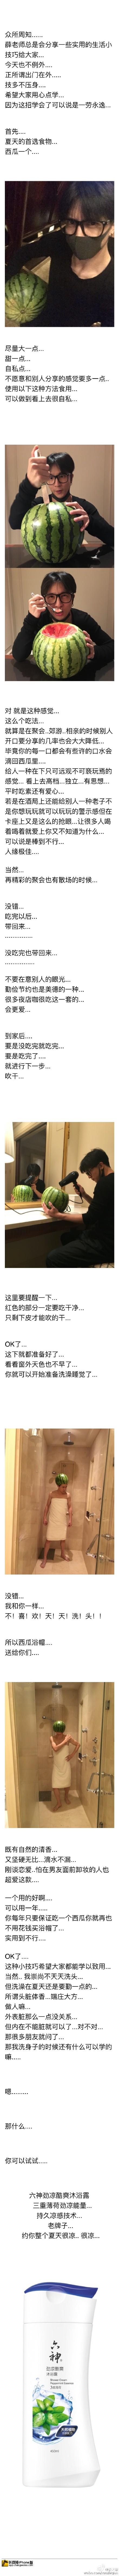 [分享]160701 段子手薛之谦本次广告主打?